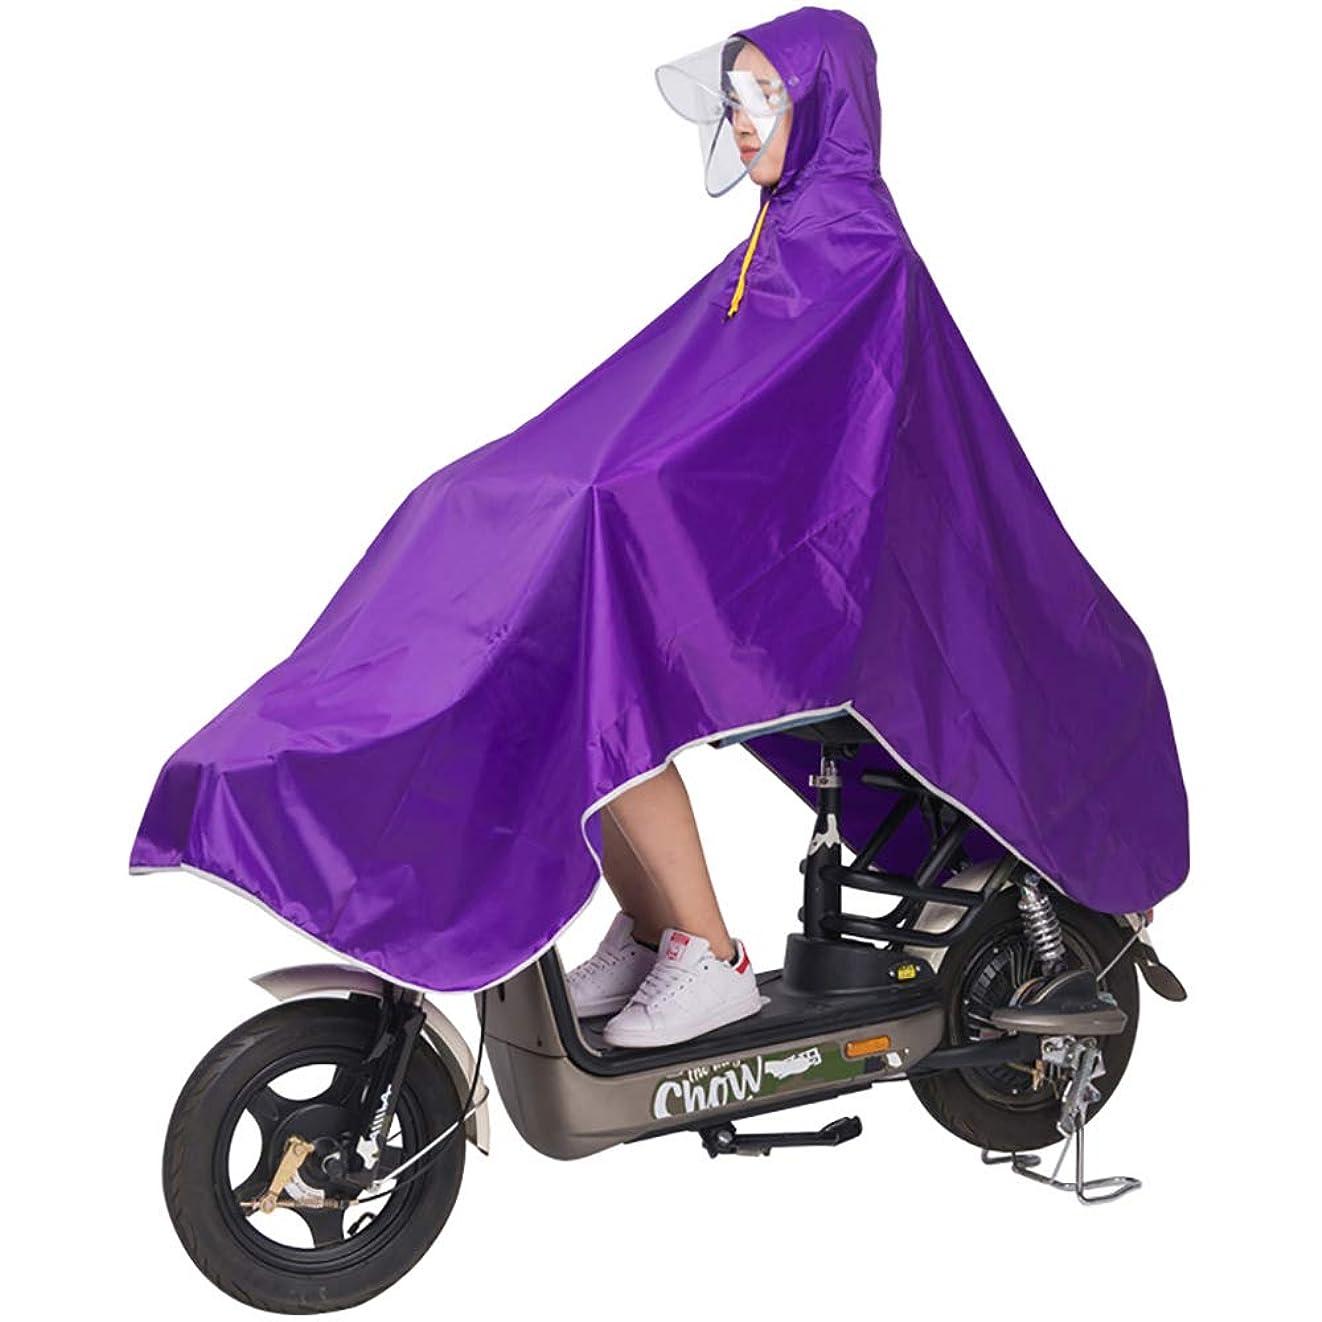 間違えた古代心配するSinKeu レインコート 自転車 バイク用 ロングポンチョ レディースメンズ用 レインポンチョ 雨具 厚手生地 防水 通勤通学 男女兼用